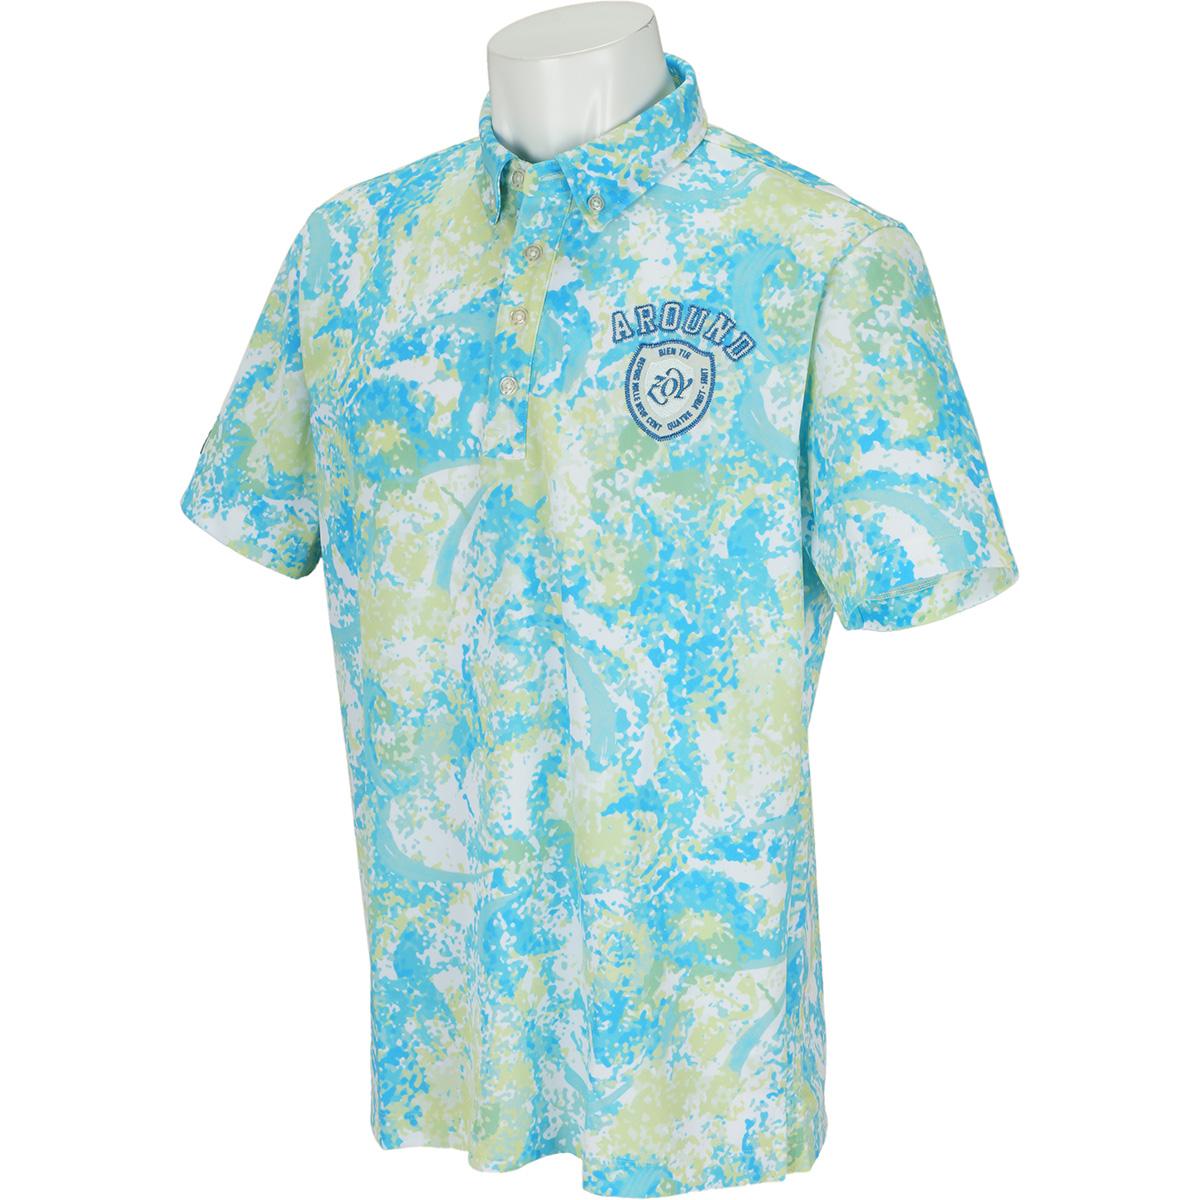 スプラッシュペイントプリント 半袖ポロシャツ